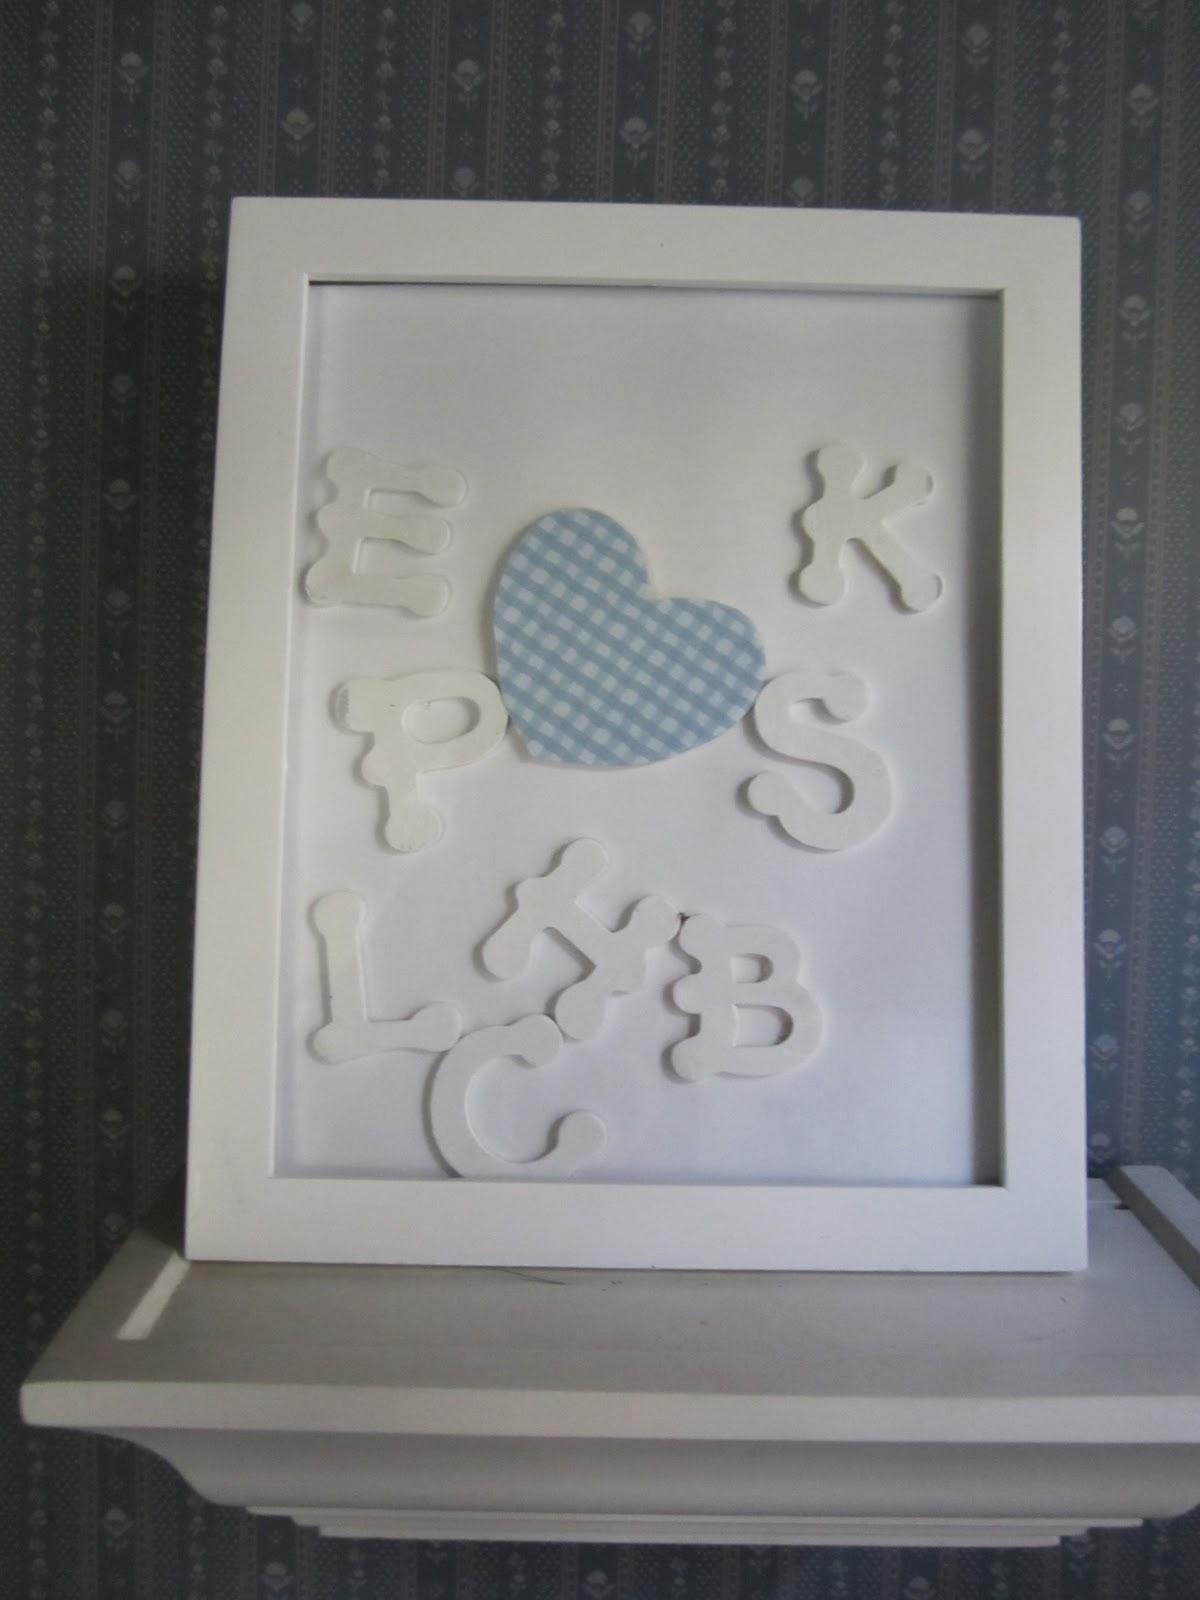 http://3.bp.blogspot.com/-b9ug2L0t59s/Tp2xoisMAAI/AAAAAAAAAsw/H_9qRzAg74g/s1600/framed+wooden+letters+001.JPG